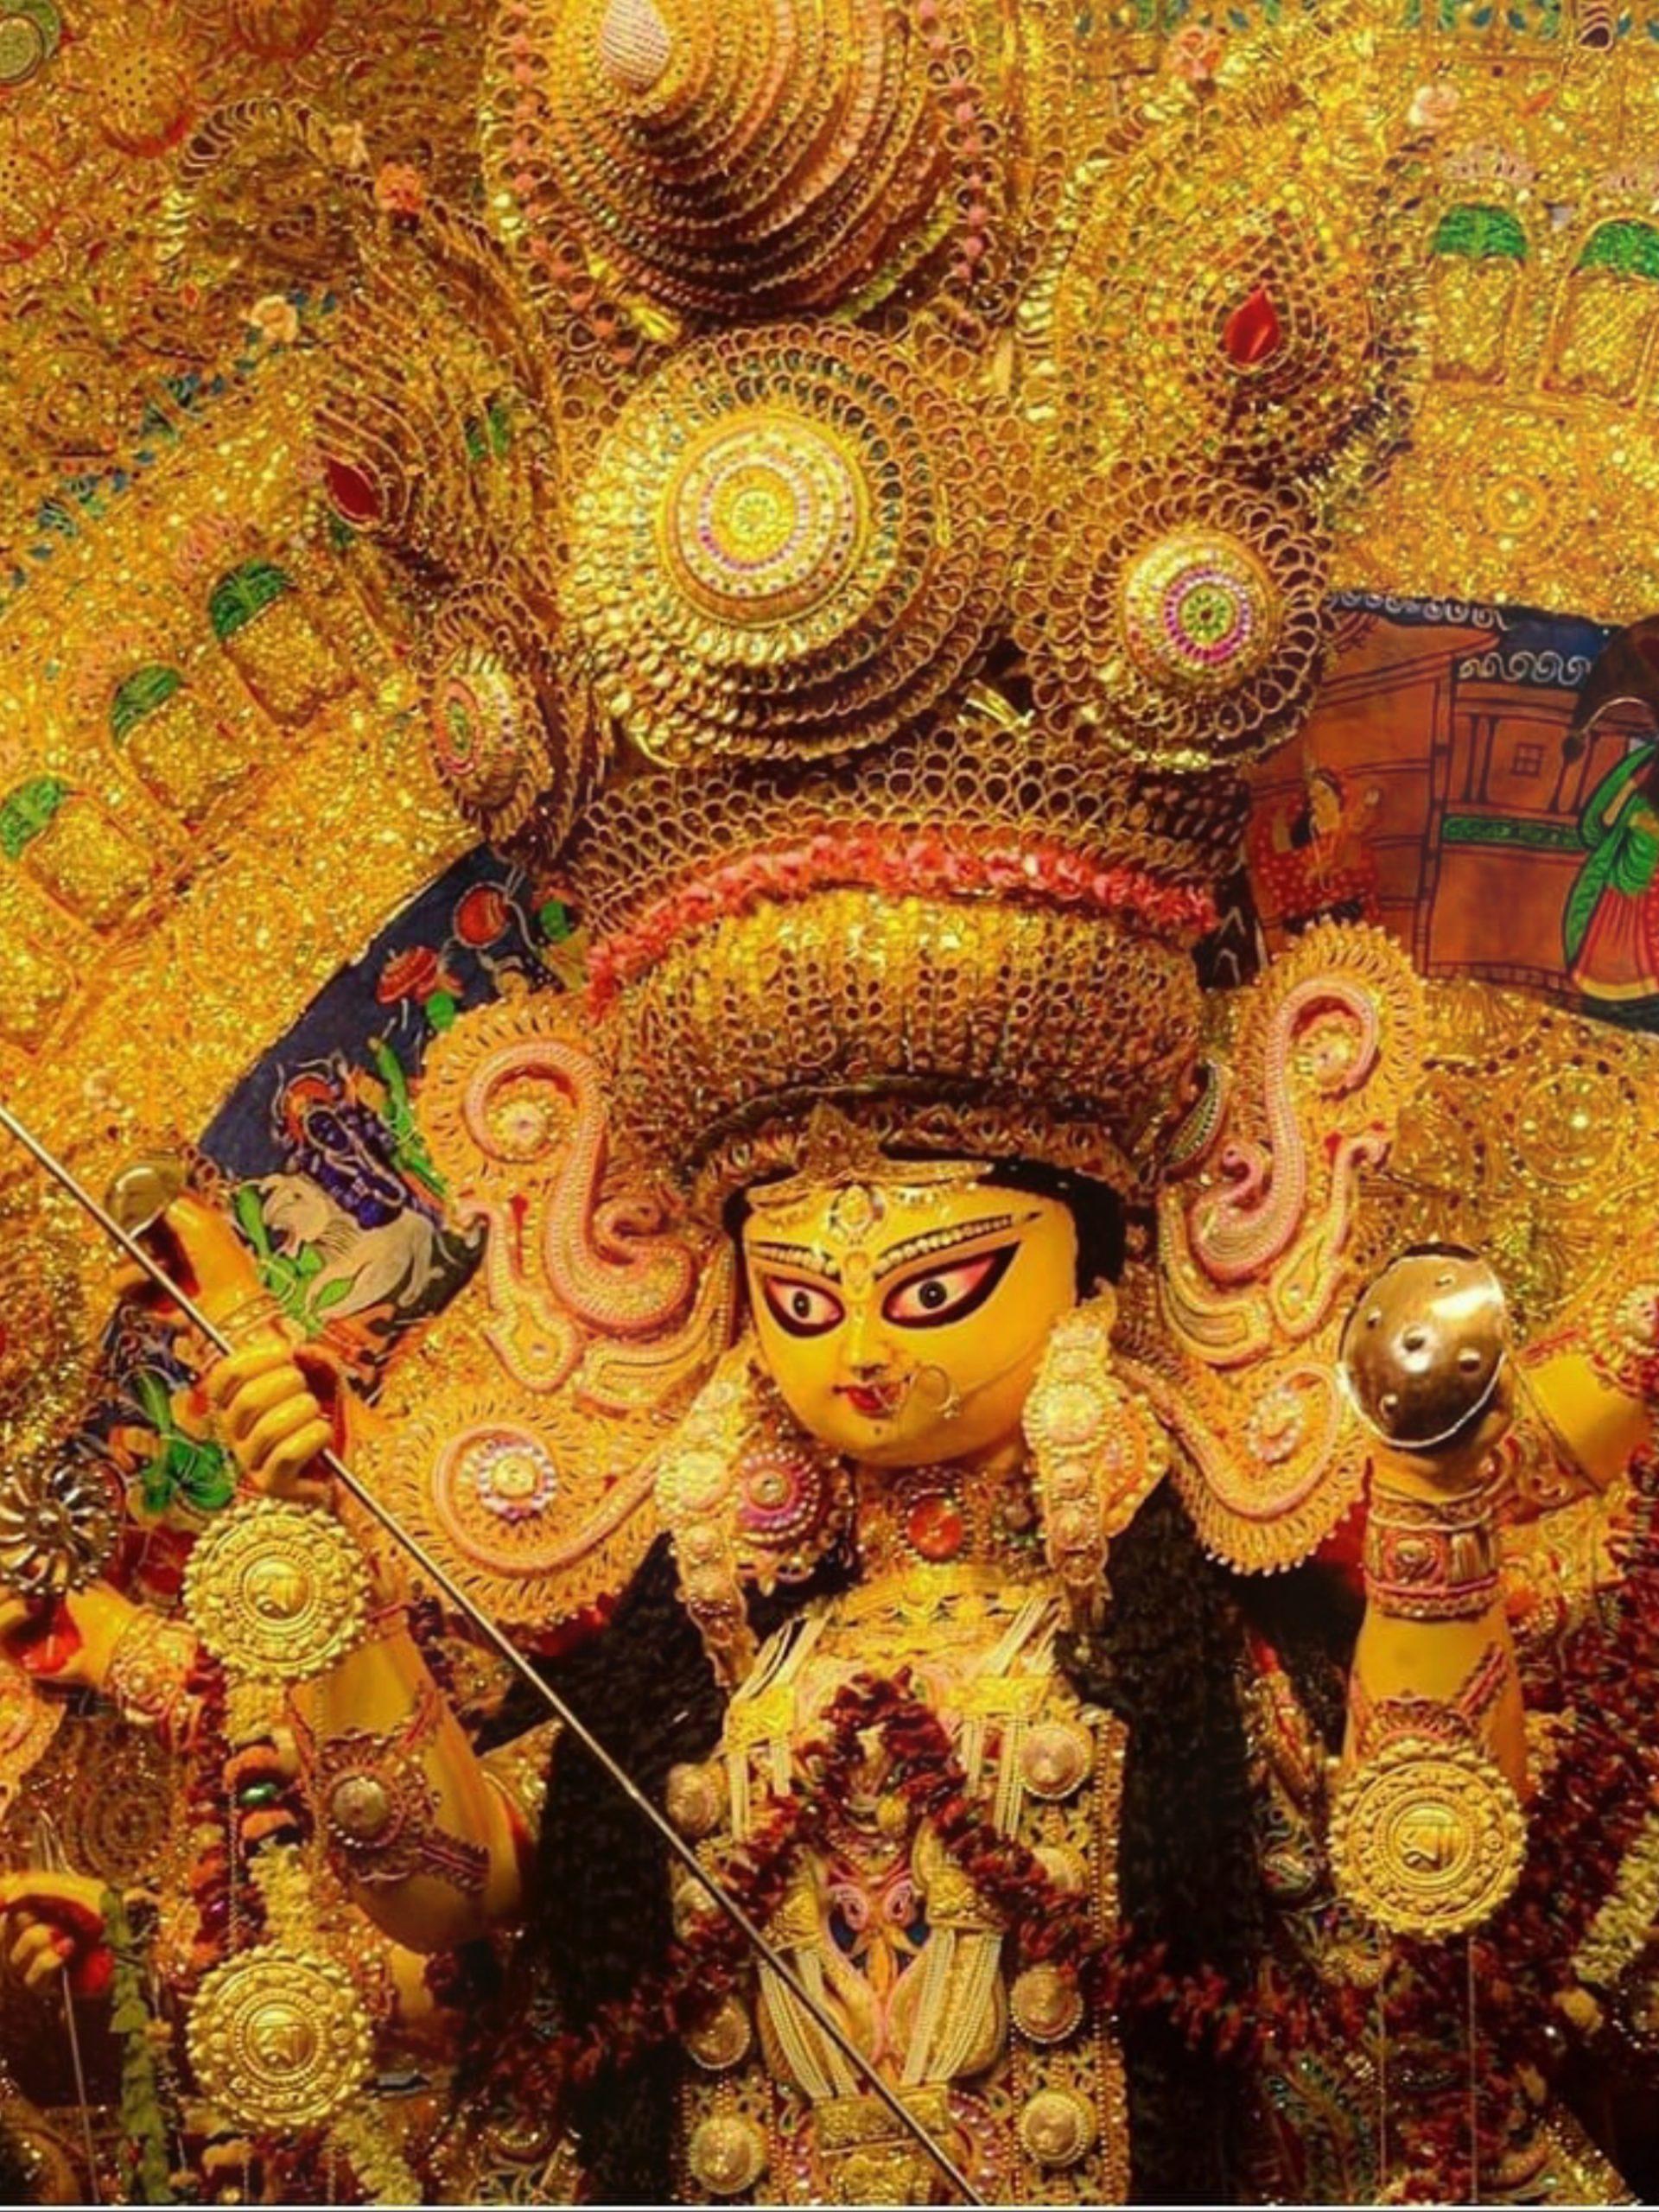 Goddess Durga Idol at a temple